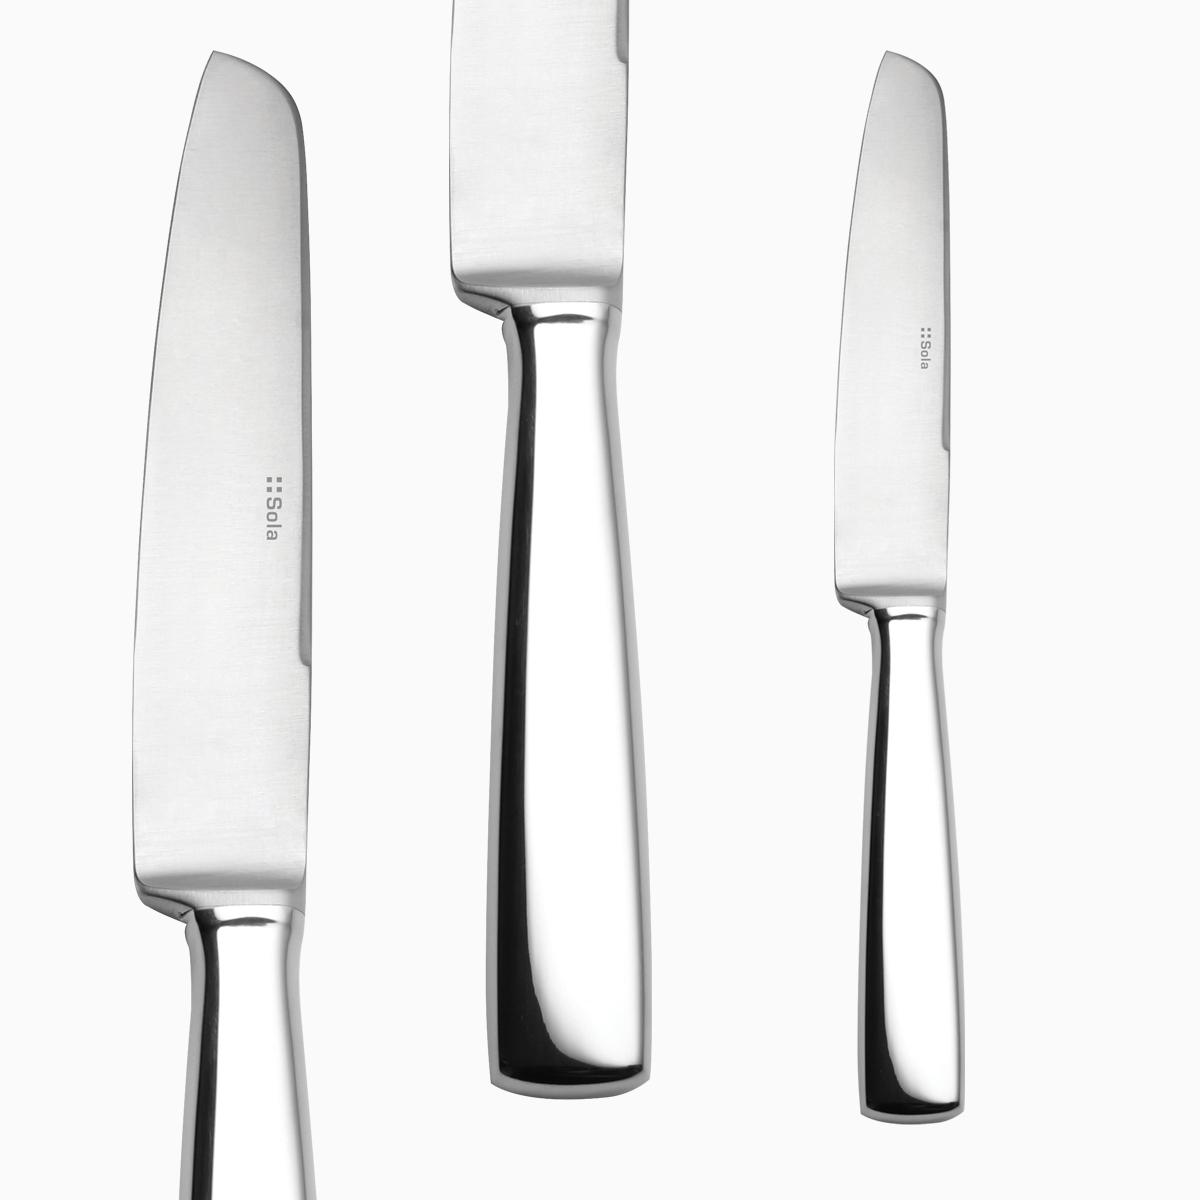 Stejkový nôž - Prestige